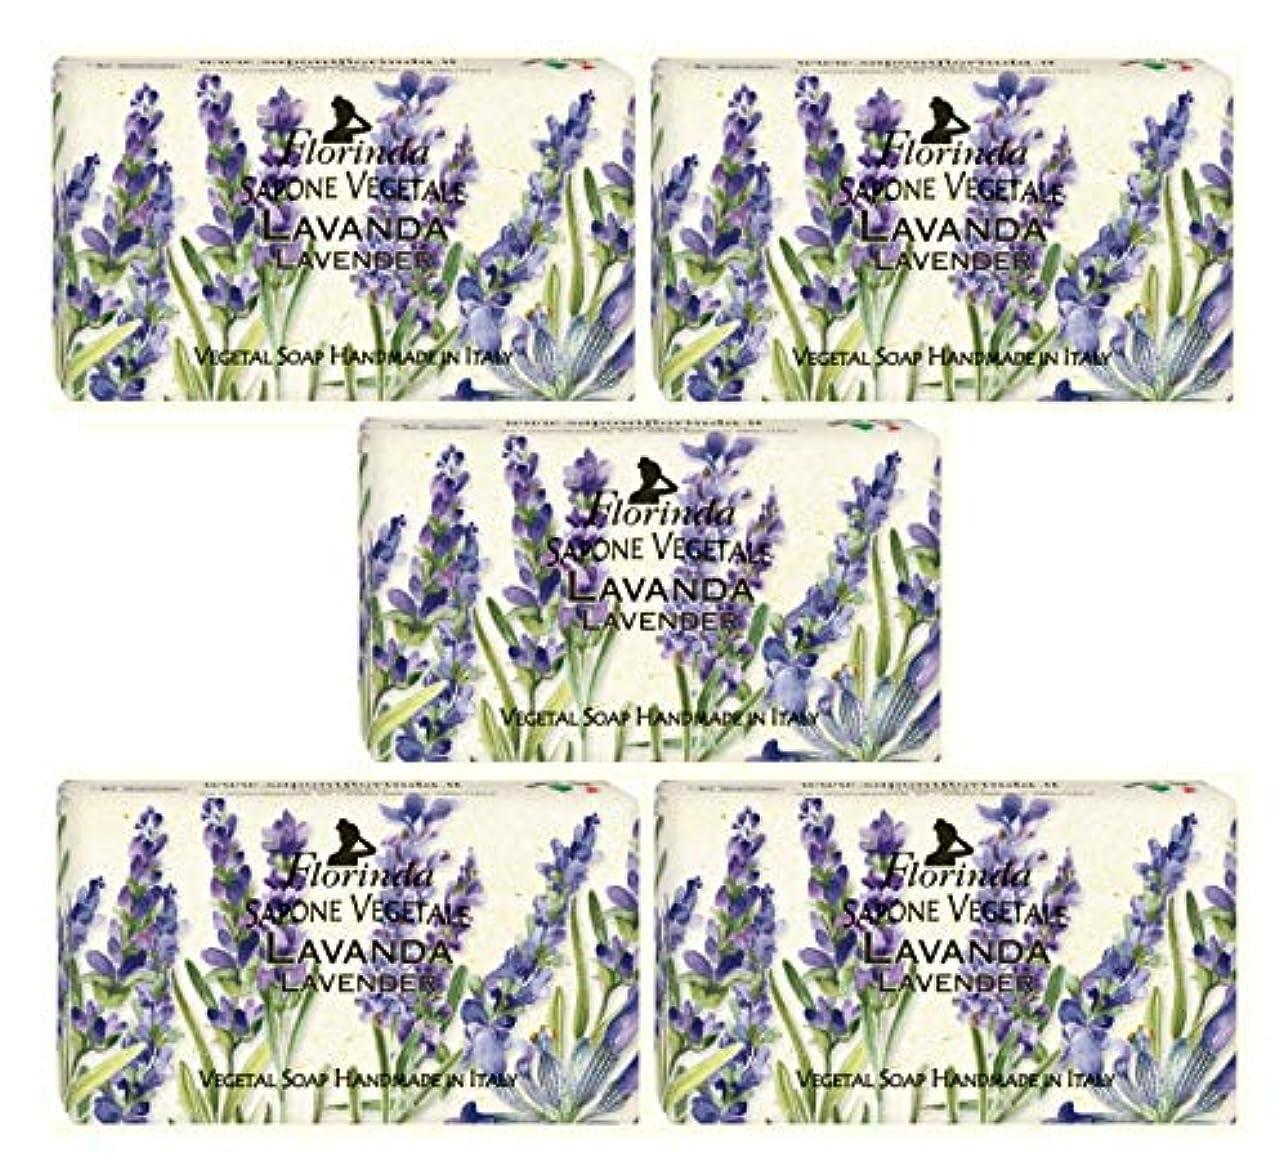 構想するバッテリー動詞フロリンダ フレグランスソープ 固形石けん 花の香り ラベンダー 95g×5個セット